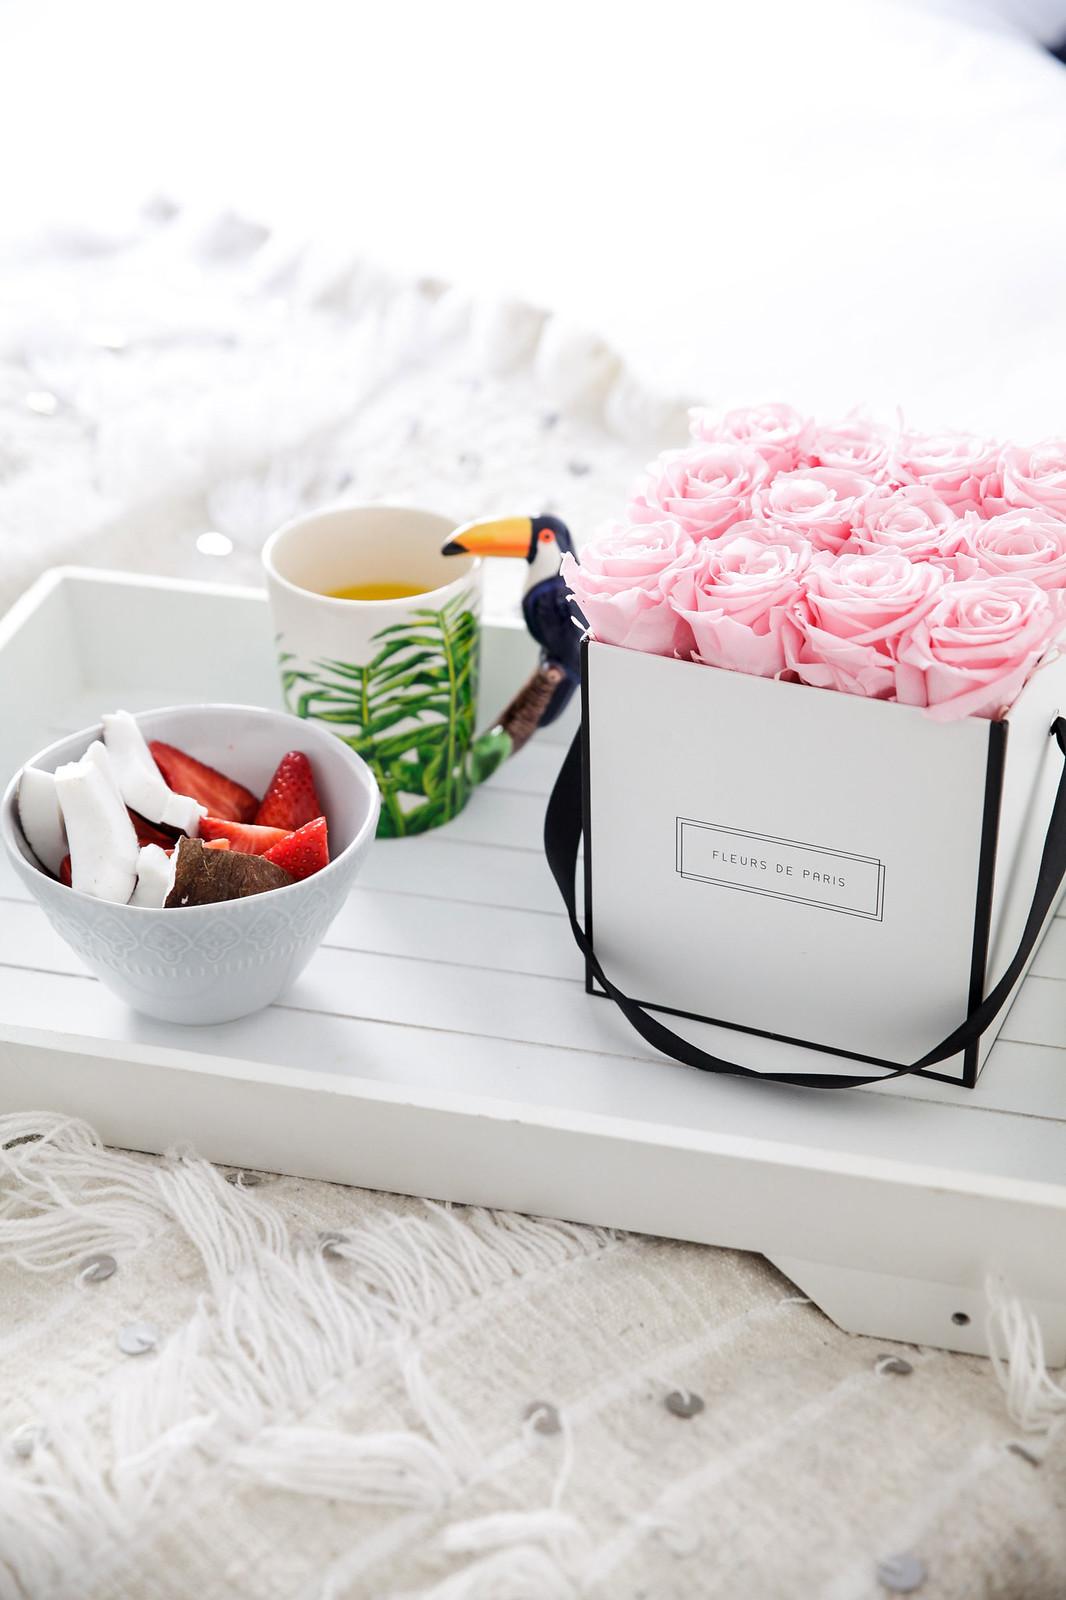 013_Desayuno_cama_breakfast_bed_Fleurs_Paris_Theguestgirl_Flowers_pink_influencer_barcelona_flores_laura_santolaria